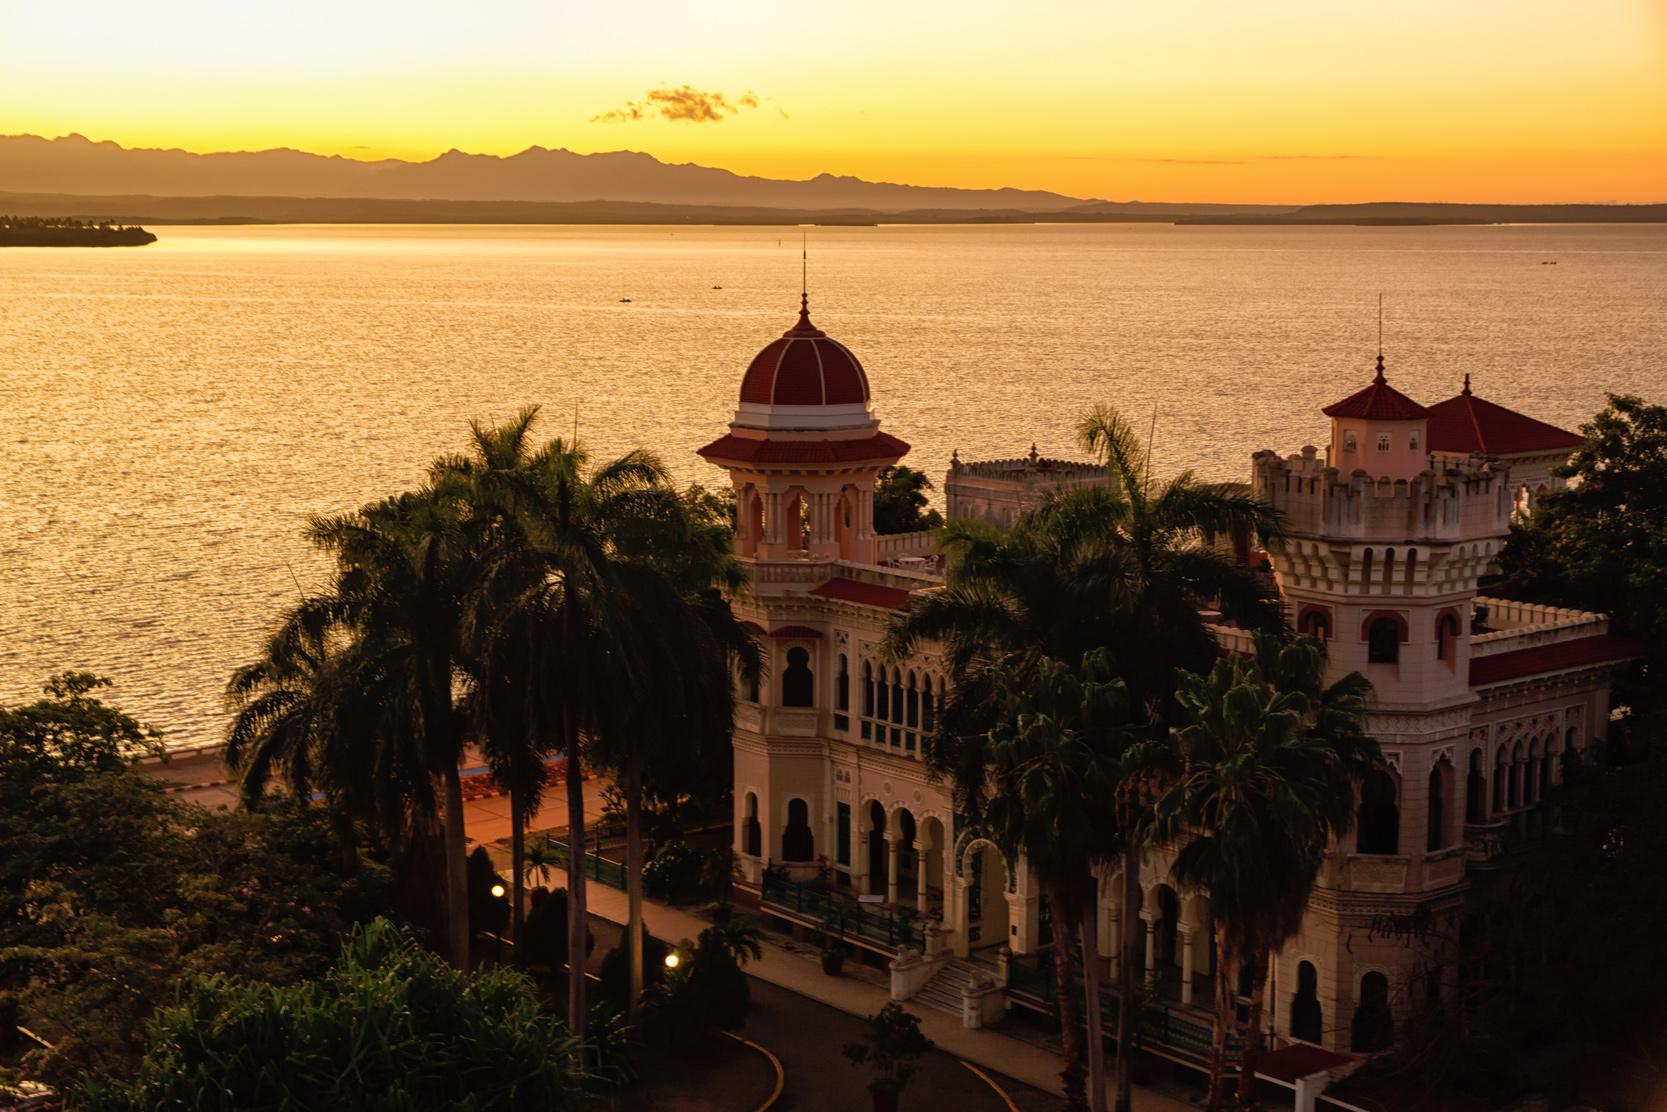 Habana - Circuito Recorriendo el Centro Folleto - Guardalavaca - Habana